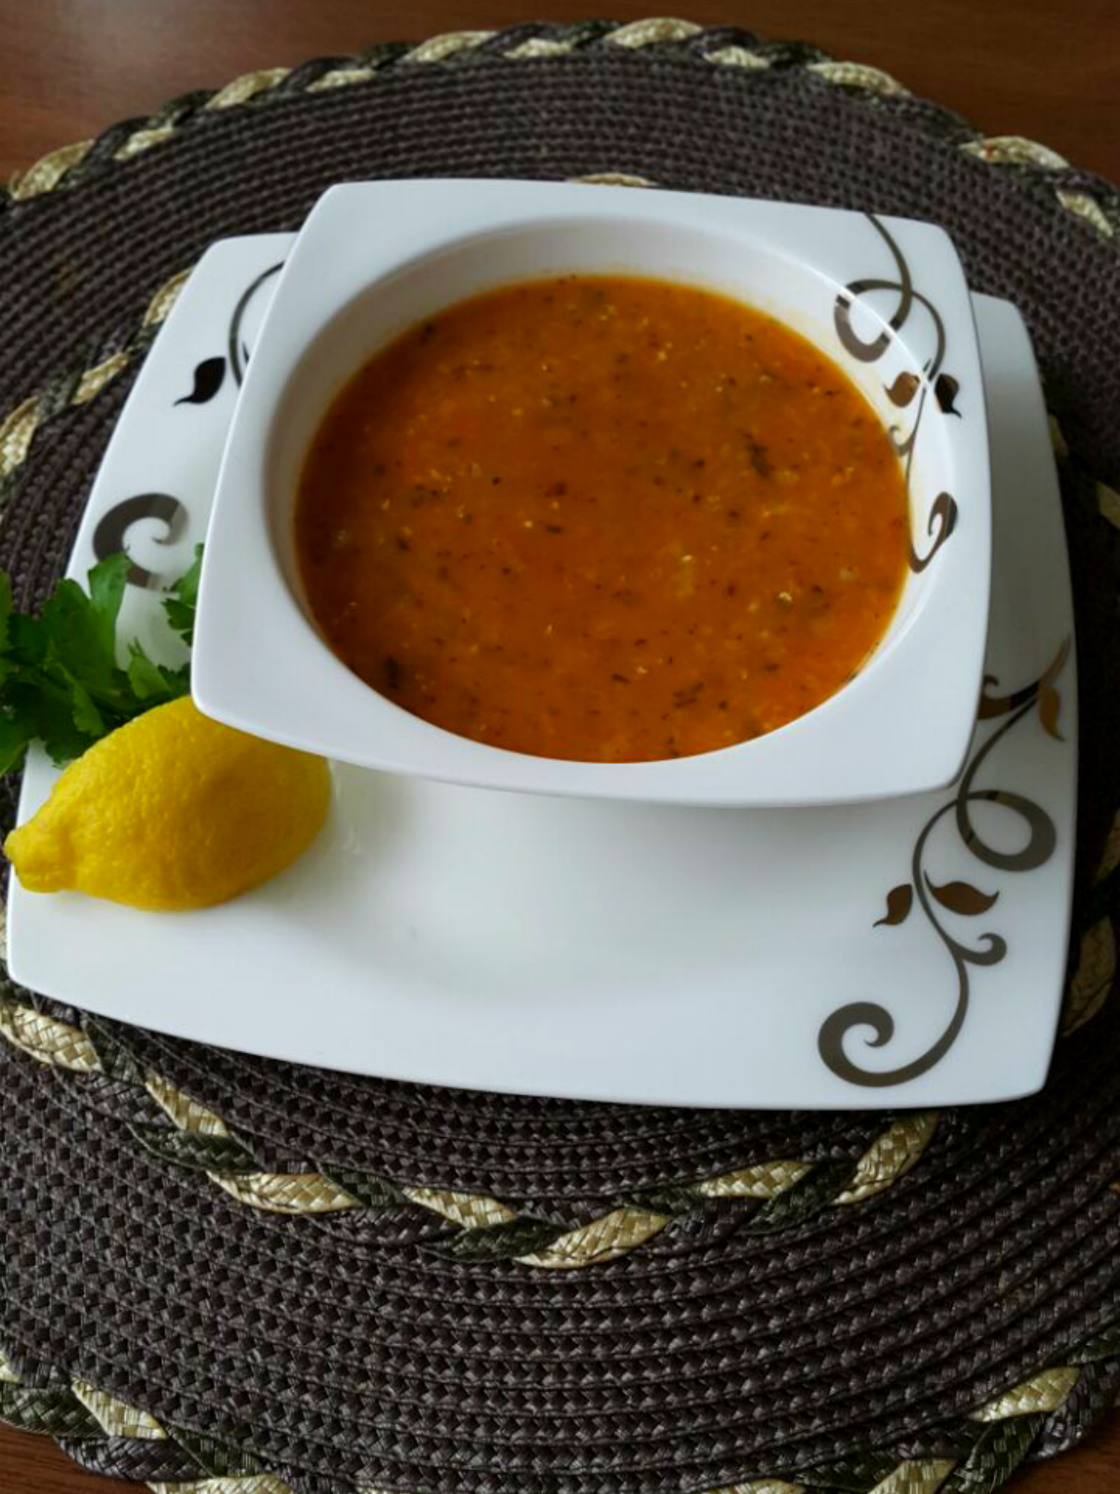 Körili havuç çorbası malzemeleri ile Etiketlenen Konular 59